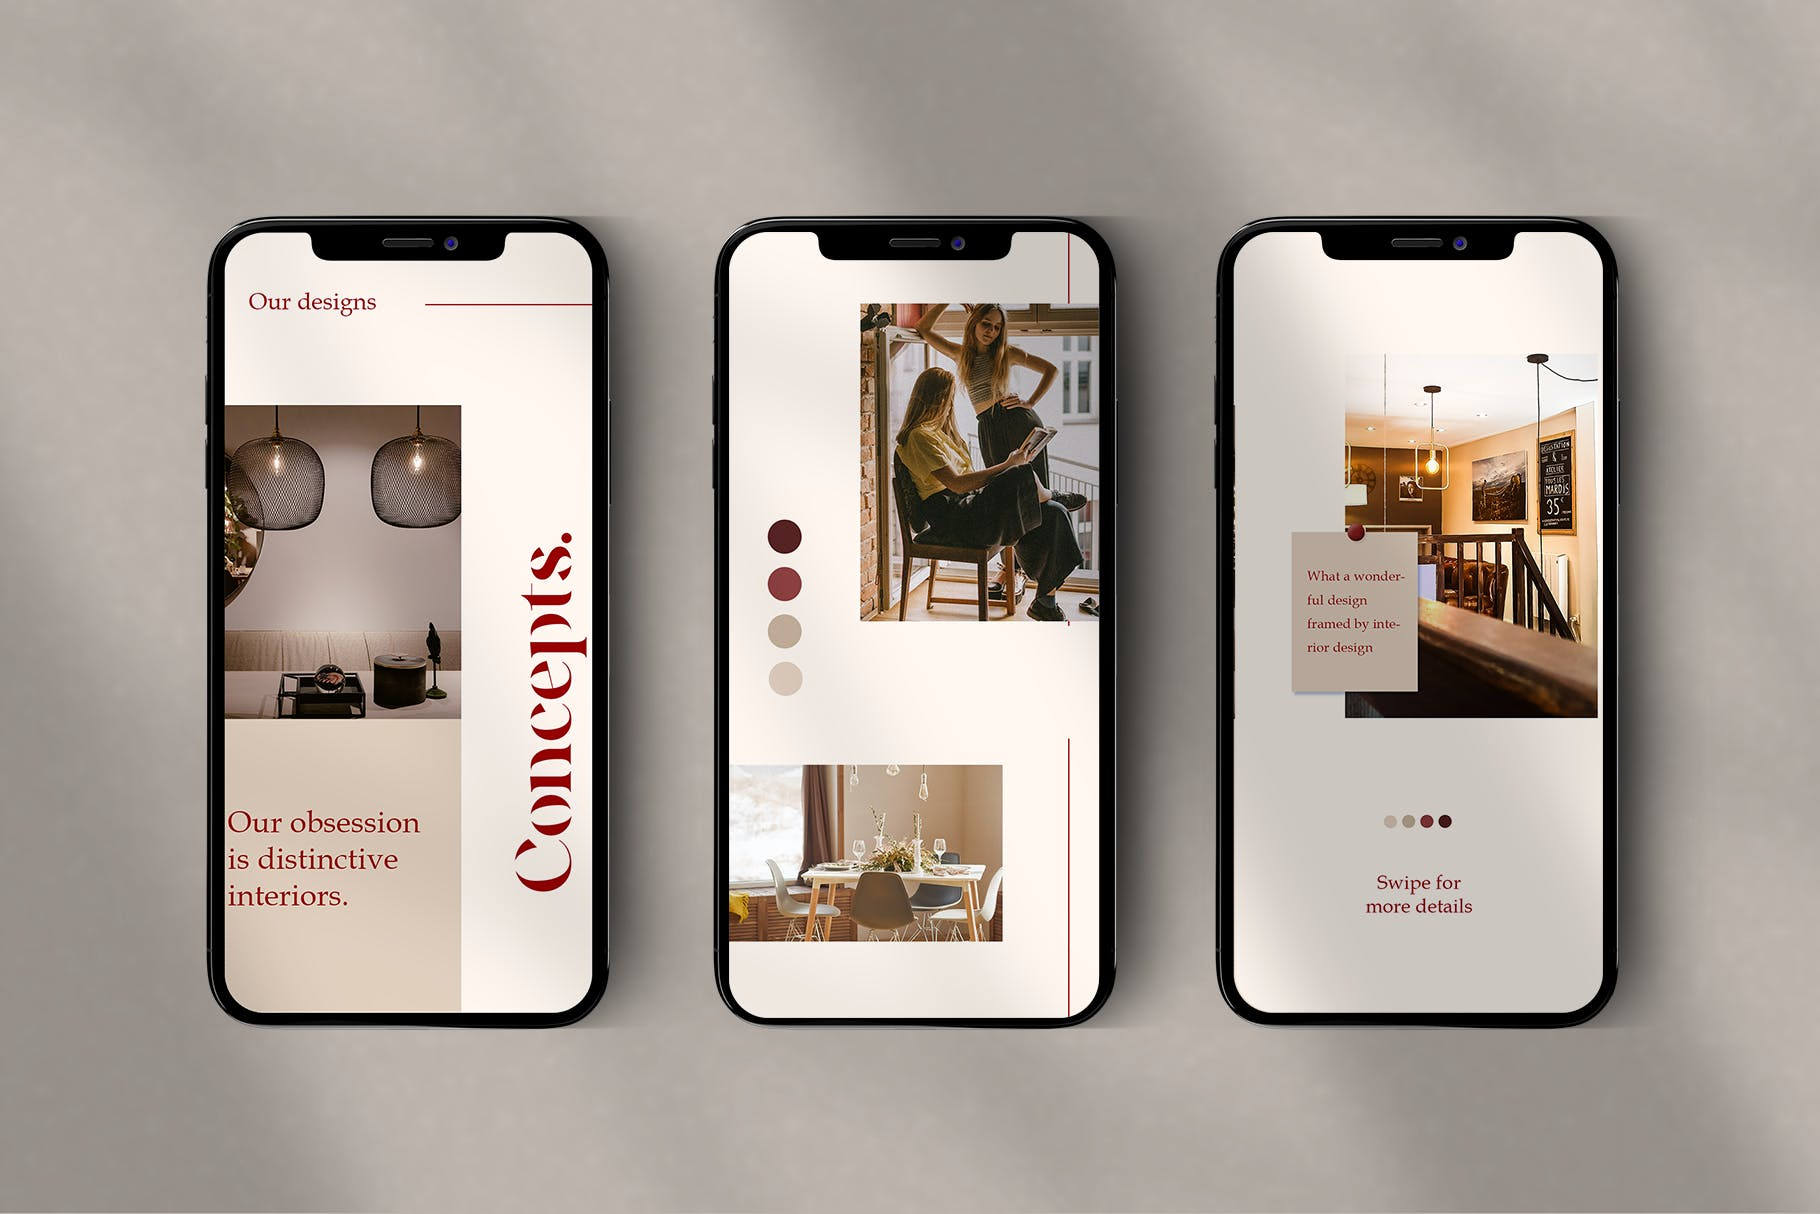 时尚室内设计摄影作品集推广新媒体电商海报模板 Walnut – Instagram Template插图(5)